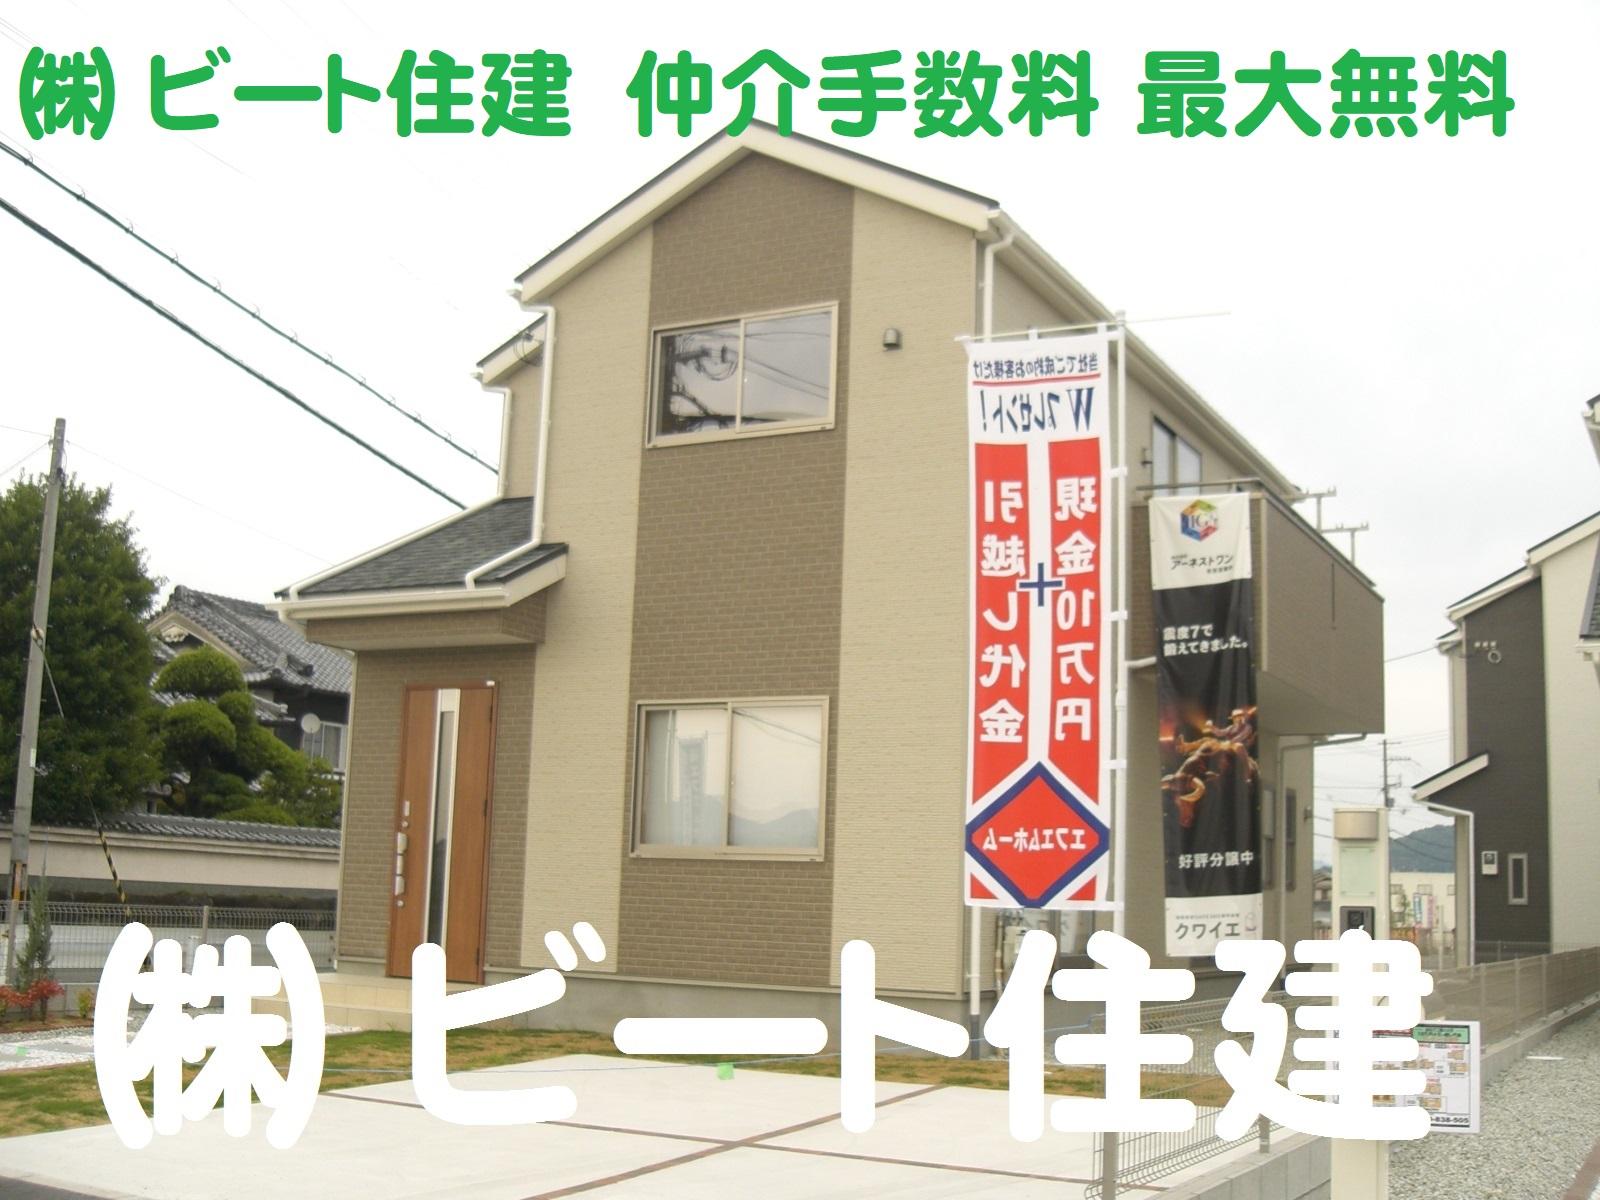 奈良県 新築 大和高田市 新築 お買い得 仲介手数料 最大無料 ビート住建